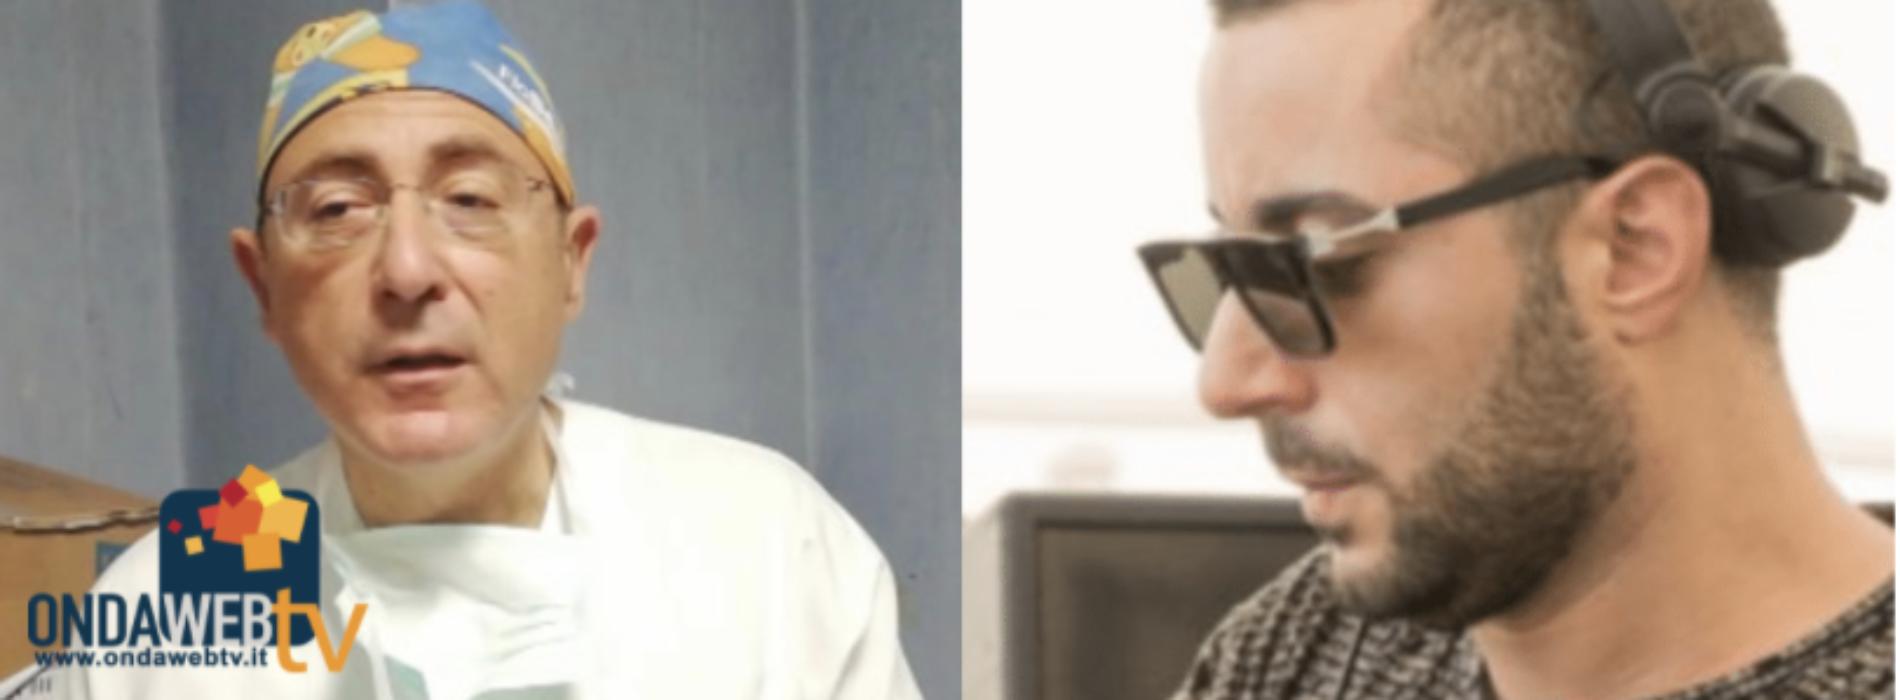 Joseph Capriati migliora, fiducia per la prognosi del famoso dj